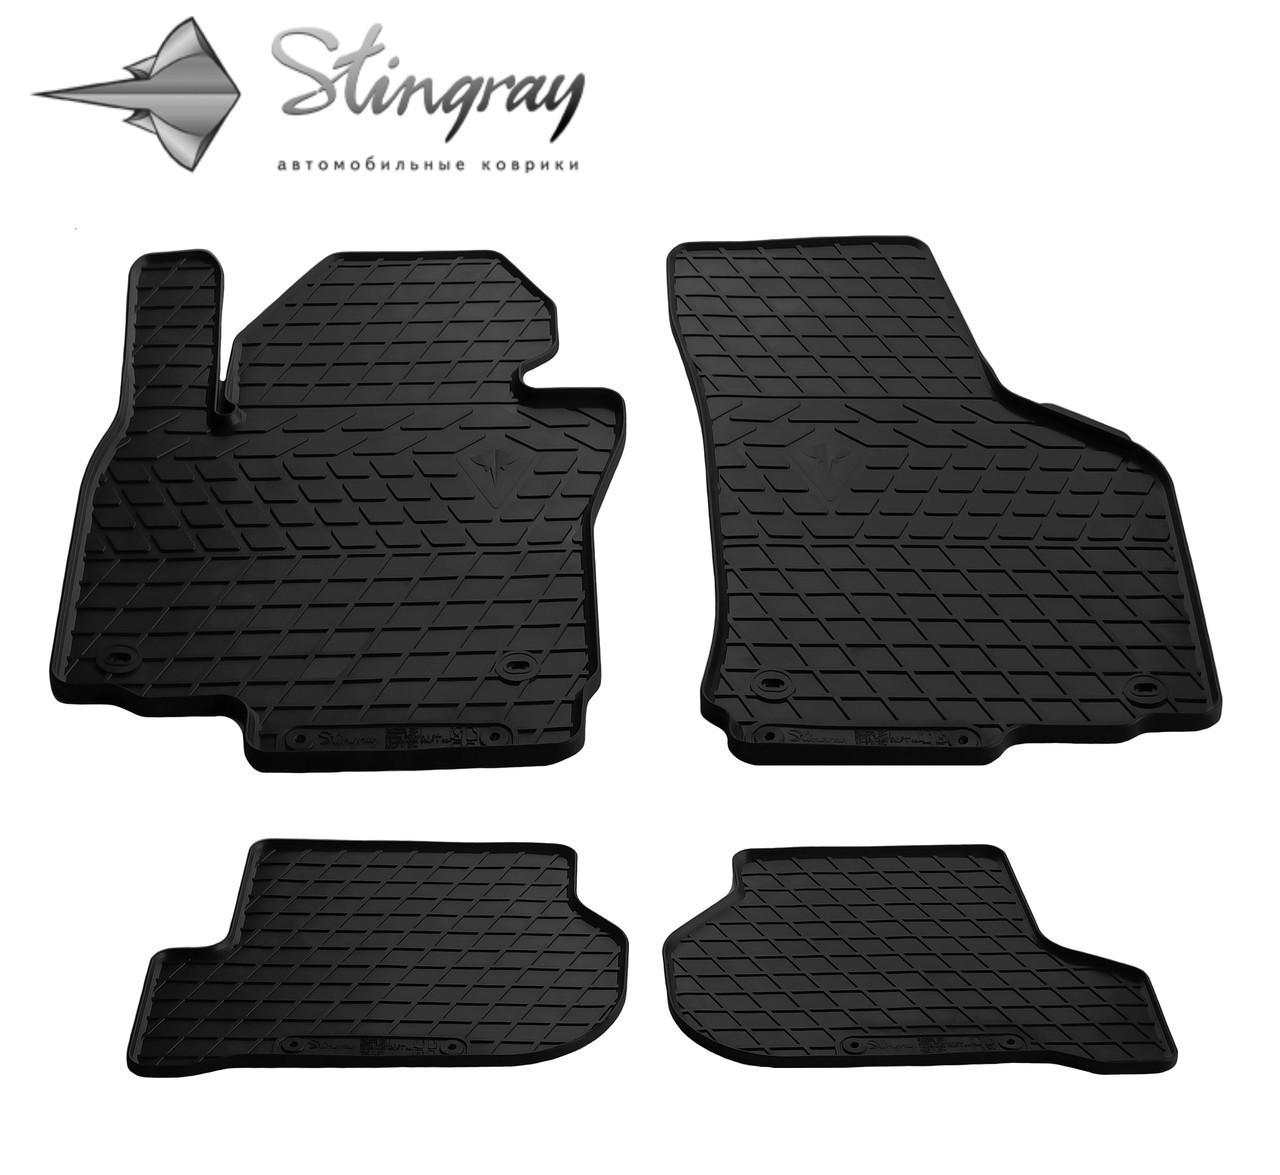 Килимки автомобільні для Volkswagen Golf VI 2008-2013 Stingray